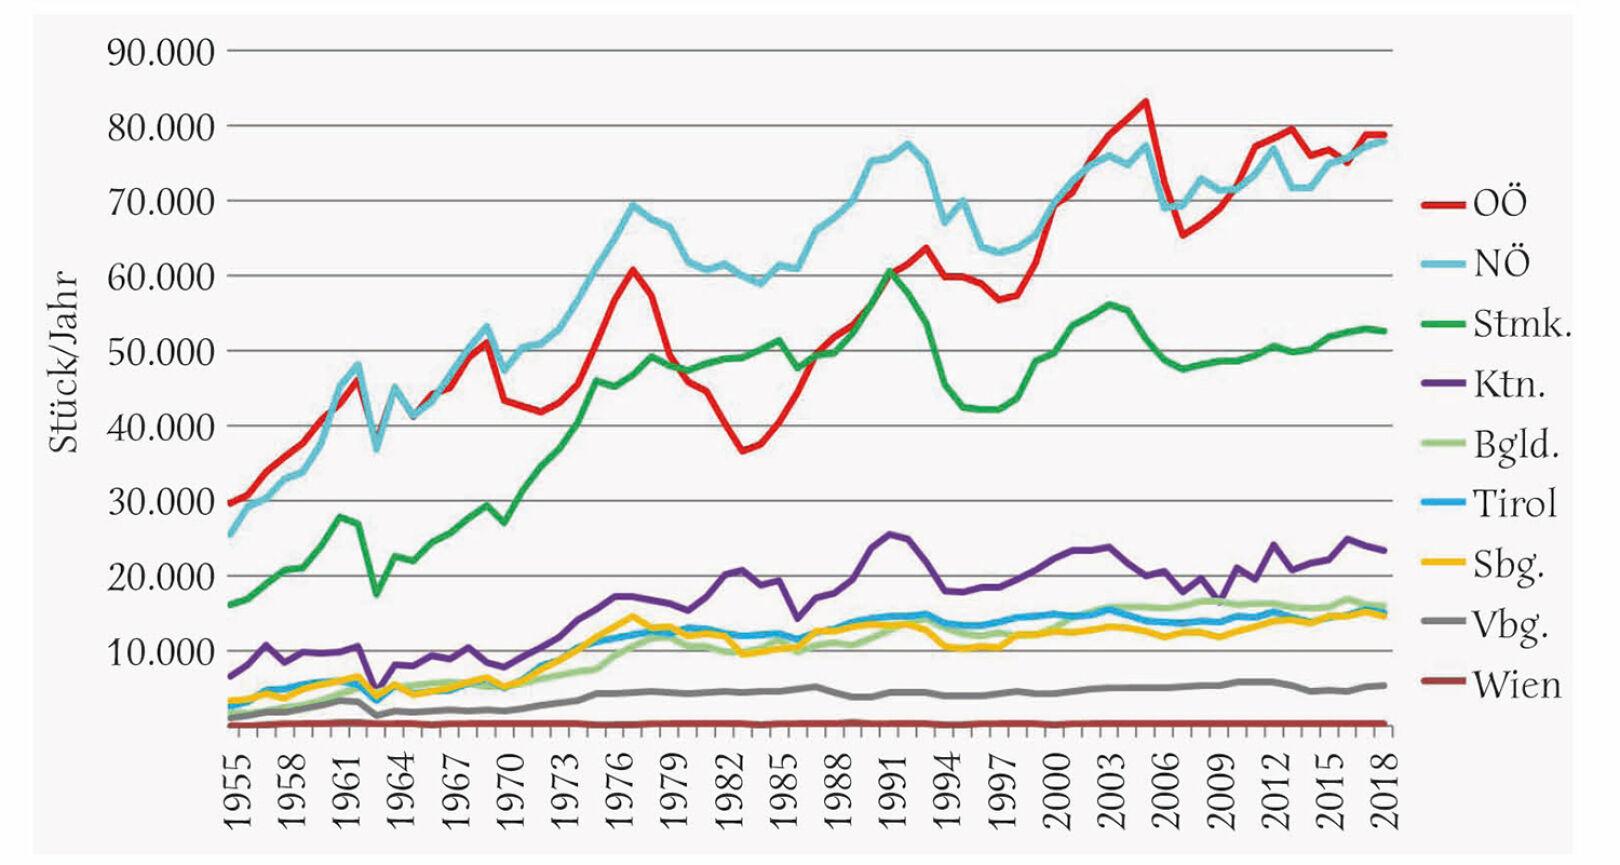 Abbildung 3 - Jährlicher Rehwildabschuss in den österreichischen Bundesländern von 1955 bis 2018.Die wellenförmige Abschussentwicklung erfolgte in den Bundesländern weitgehend parallel.<br />  - © Grafik Reimoser